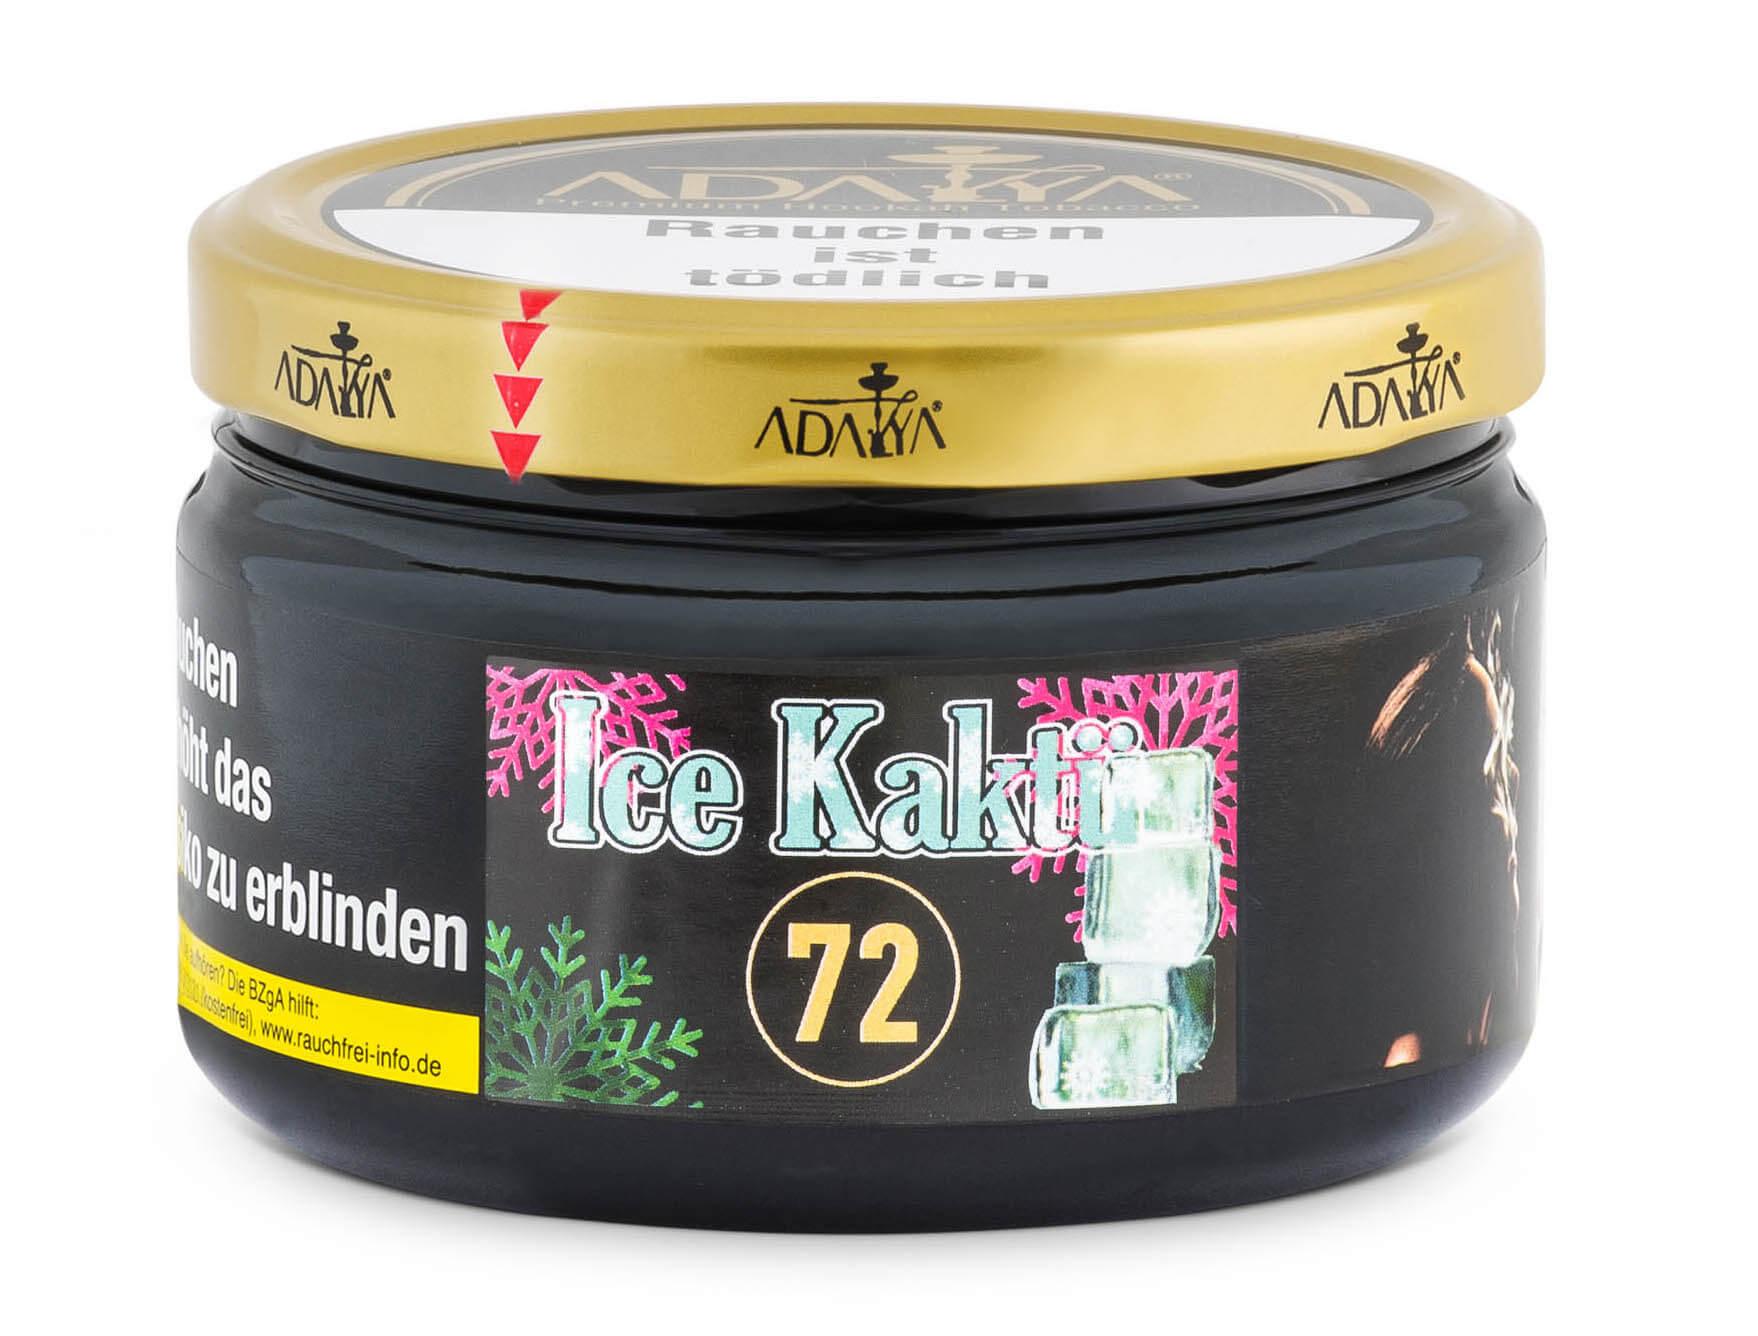 Adalya Tabak Ice Kaktü #72 200g